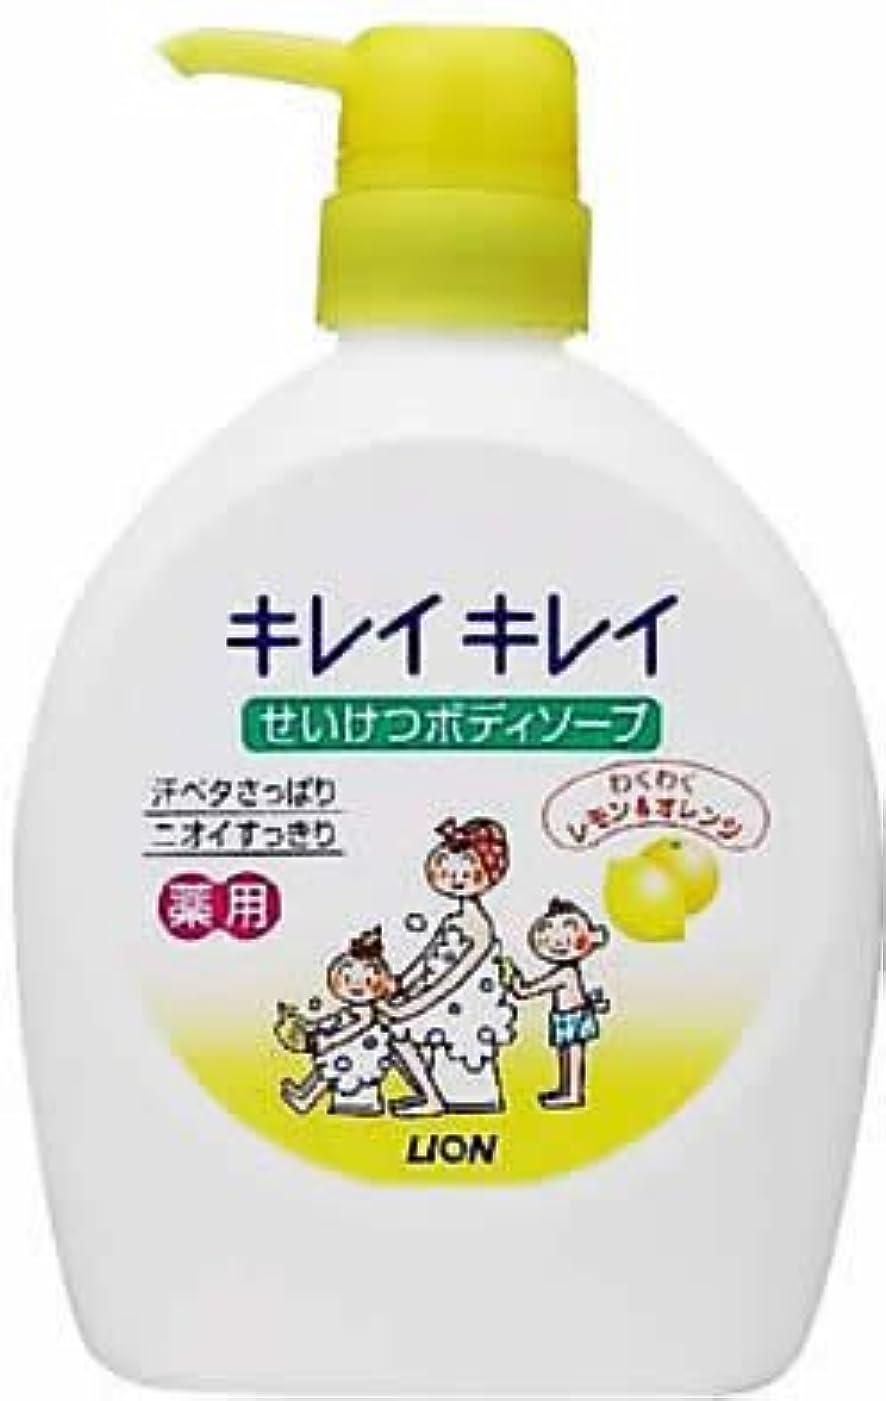 挑む引き受ける伝染性キレイキレイ せいけつボディソープ わくわくレモン&オレンジの香り 本体ポンプ 580ml